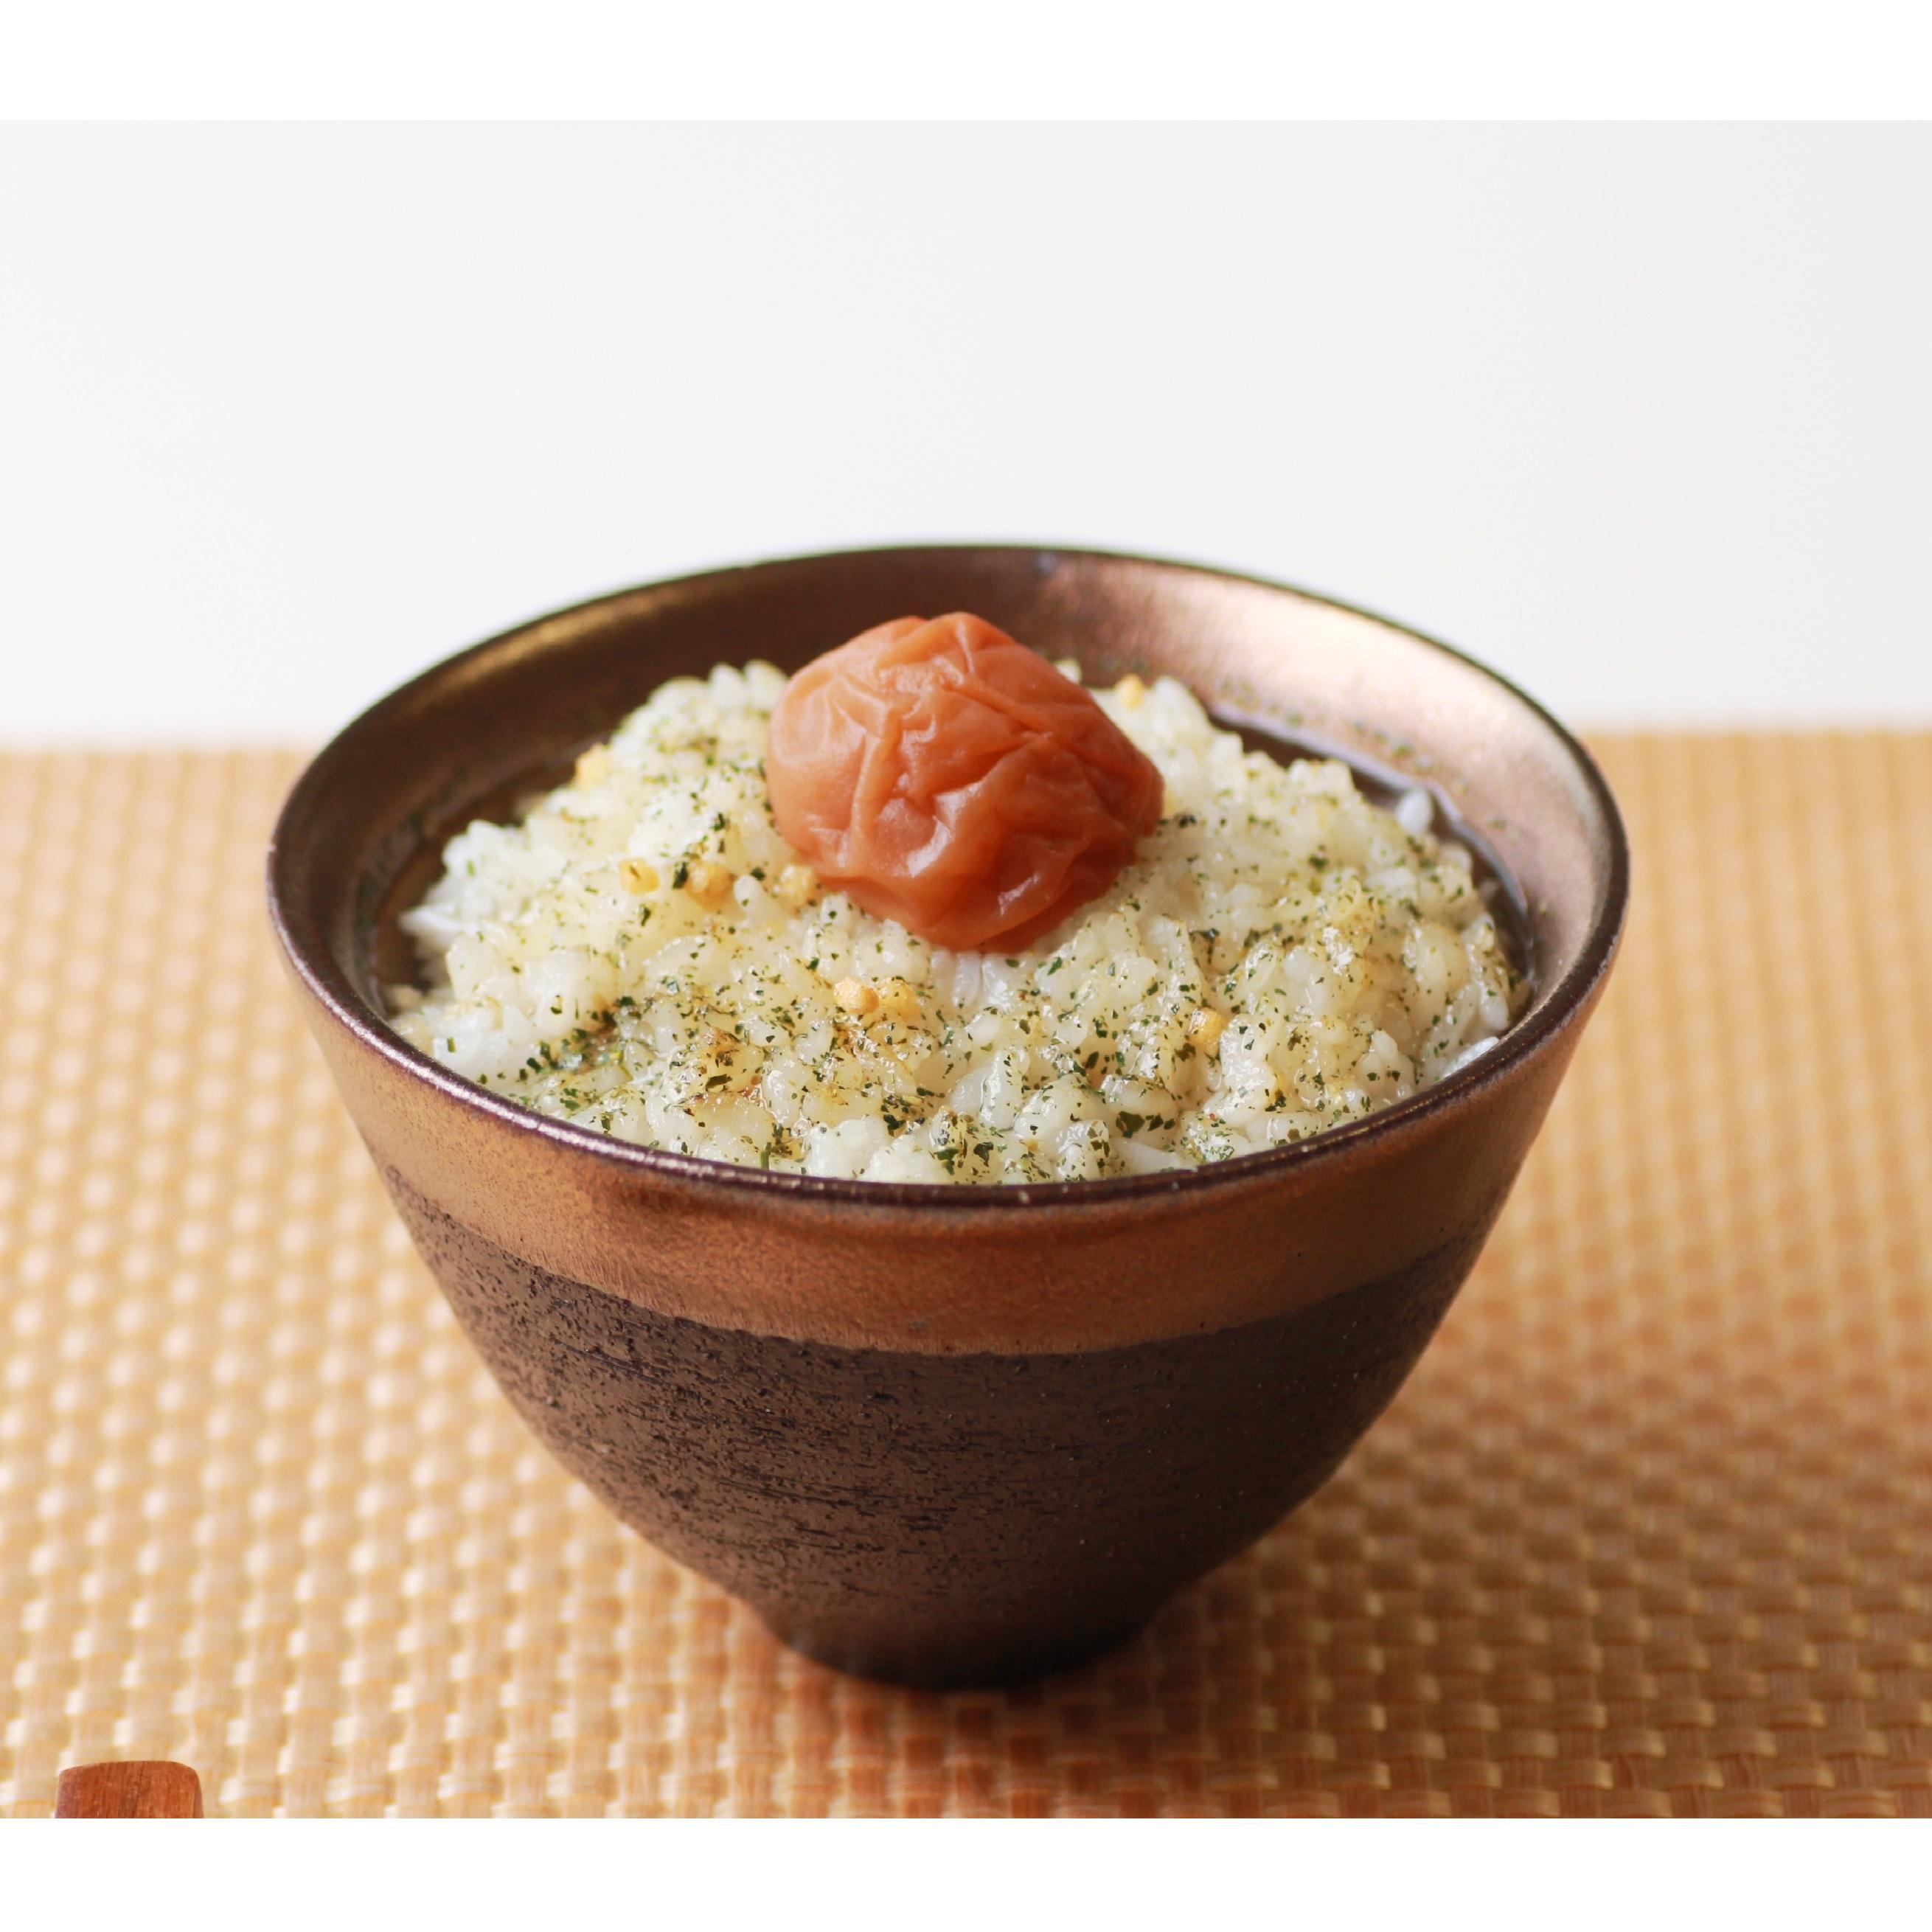 梅干専門店の贅沢山椒だし茶漬け 紀州南高梅添え(1袋)